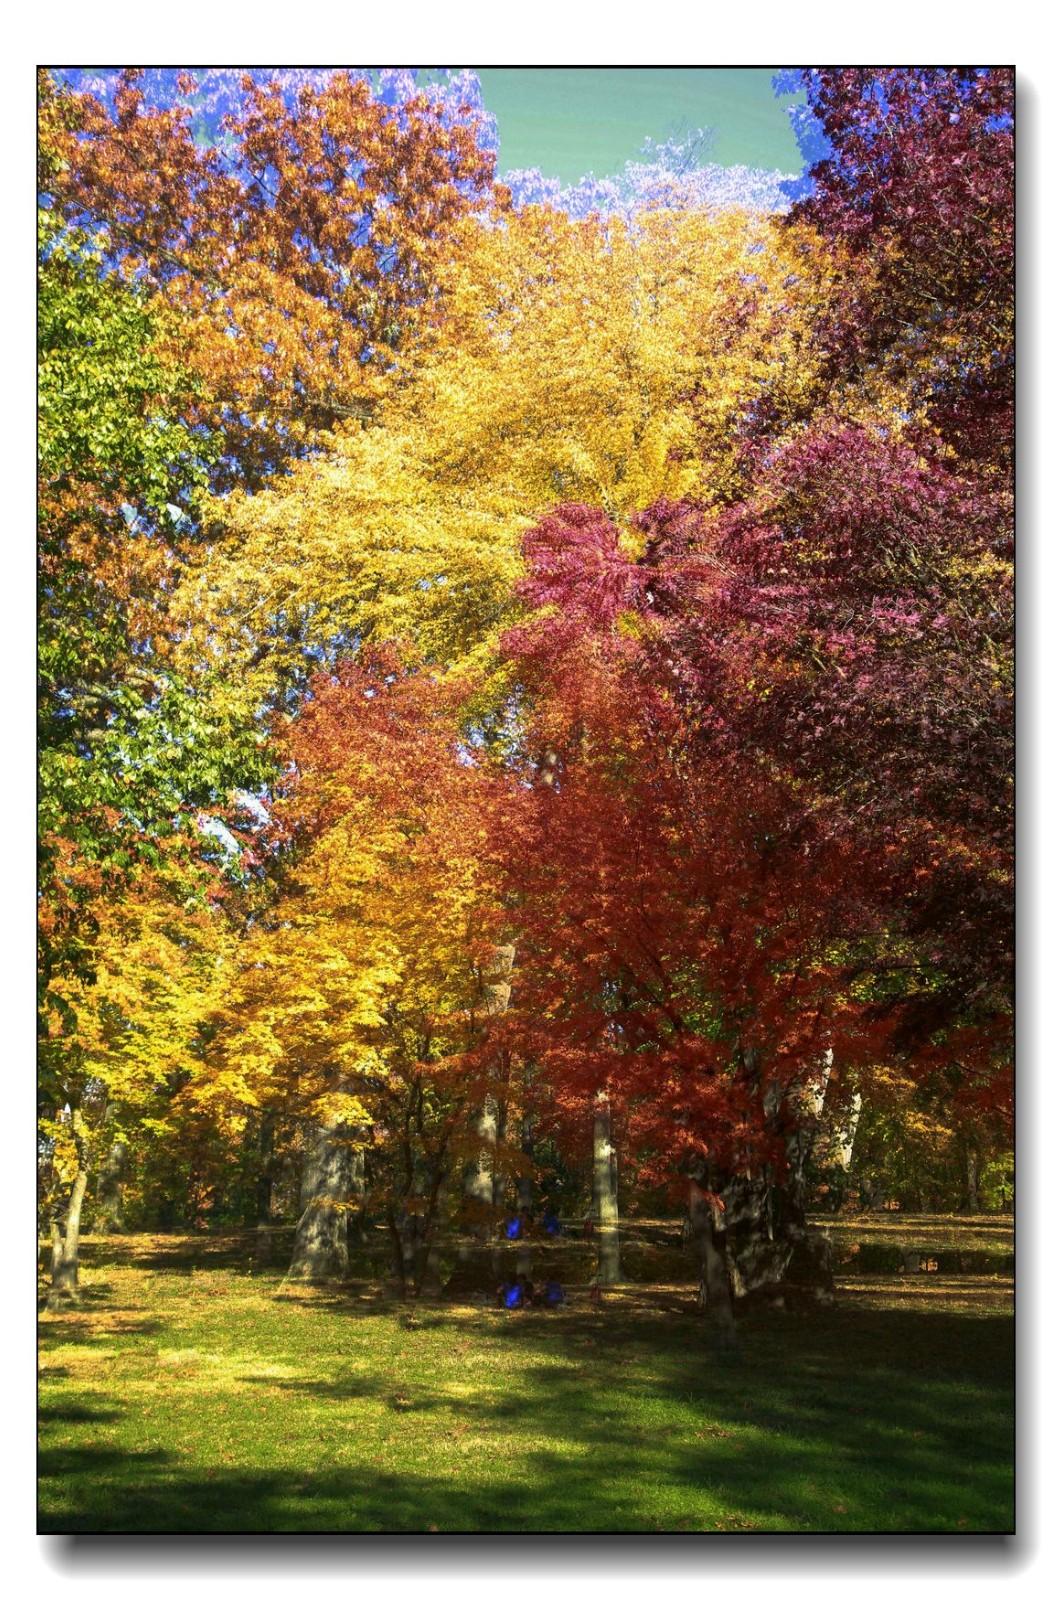 深秋色彩-凯辛娜公园2_图1-5